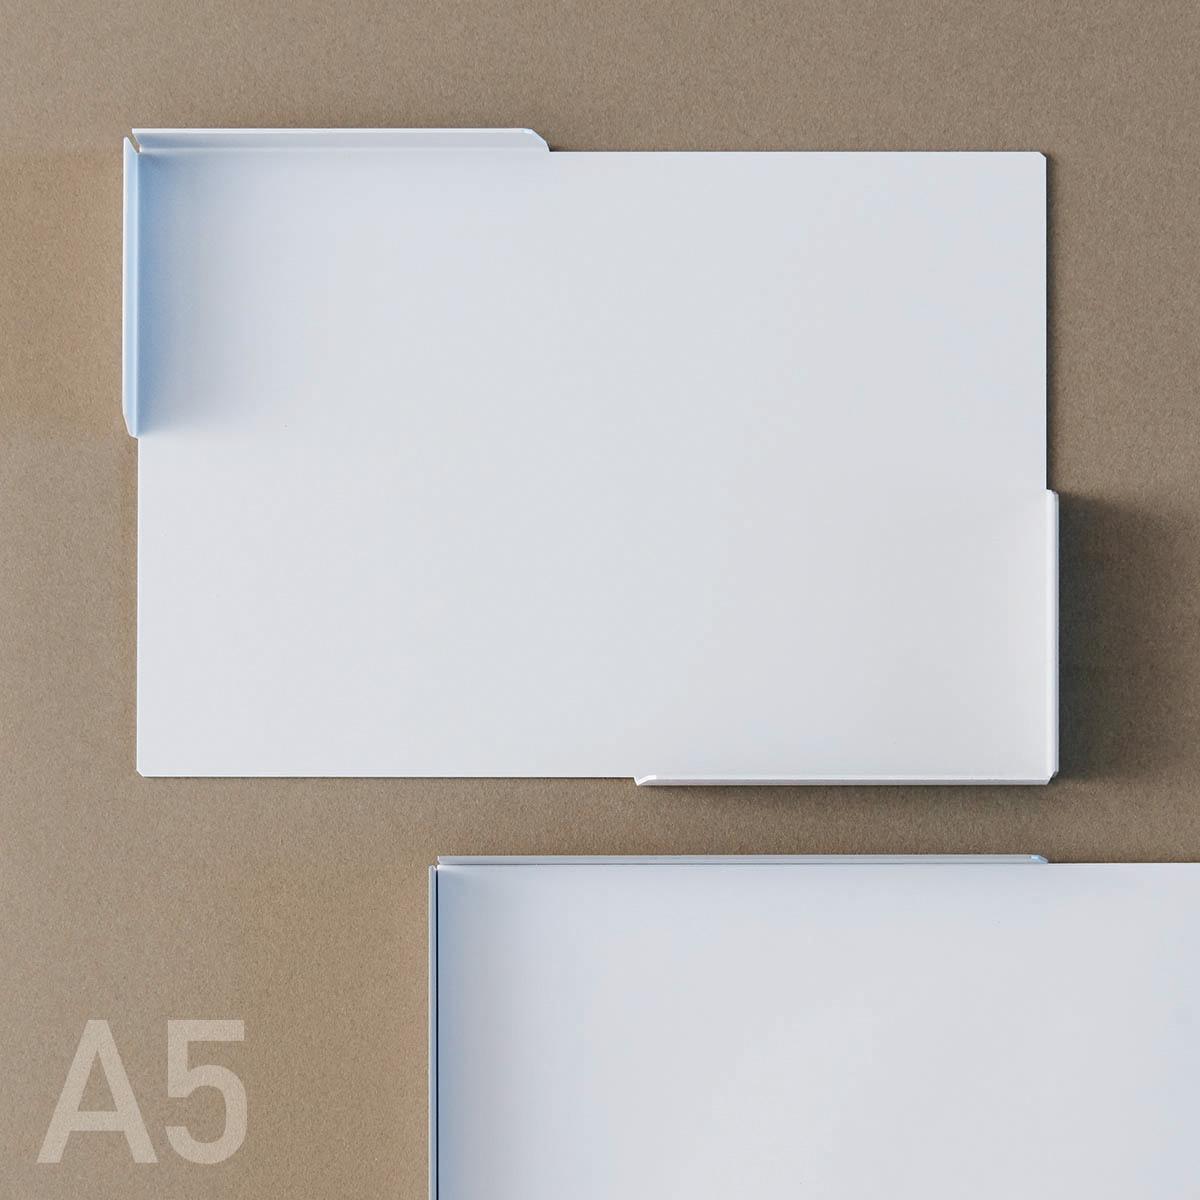 【 PAPER SERVER A5 】ネット会議のメモにぴったり。A5サイズジャストのペーパートレイ